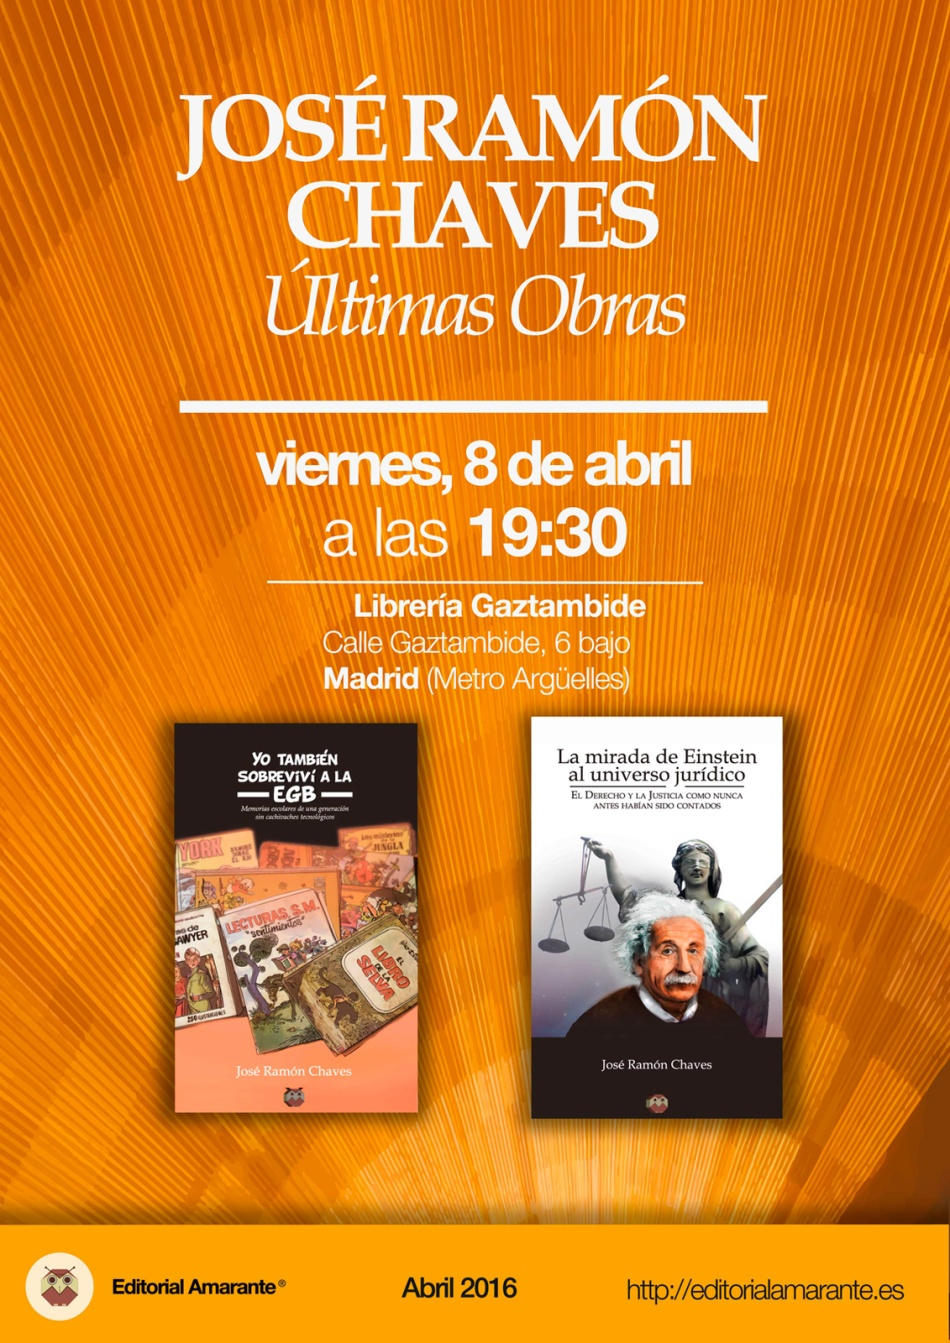 José Ramón Chaves - Editorial Amarante - Librería Gaztambide - 8 abril 2016